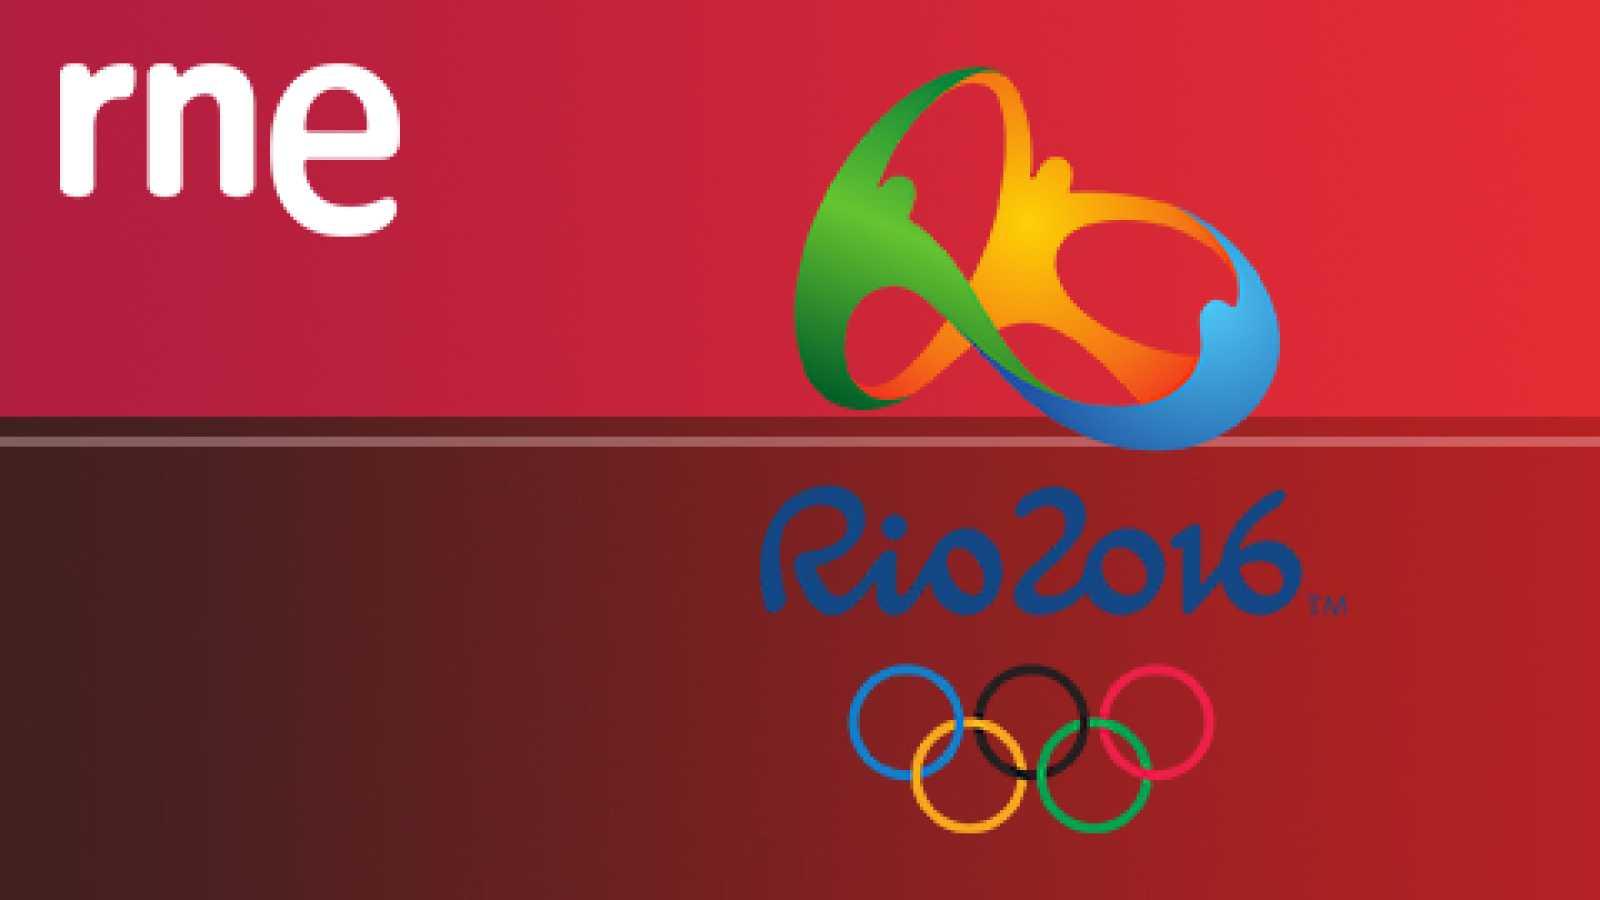 Juegos Olímpicos Río 2016 - 20/08/16 (2) - escuchar ahora